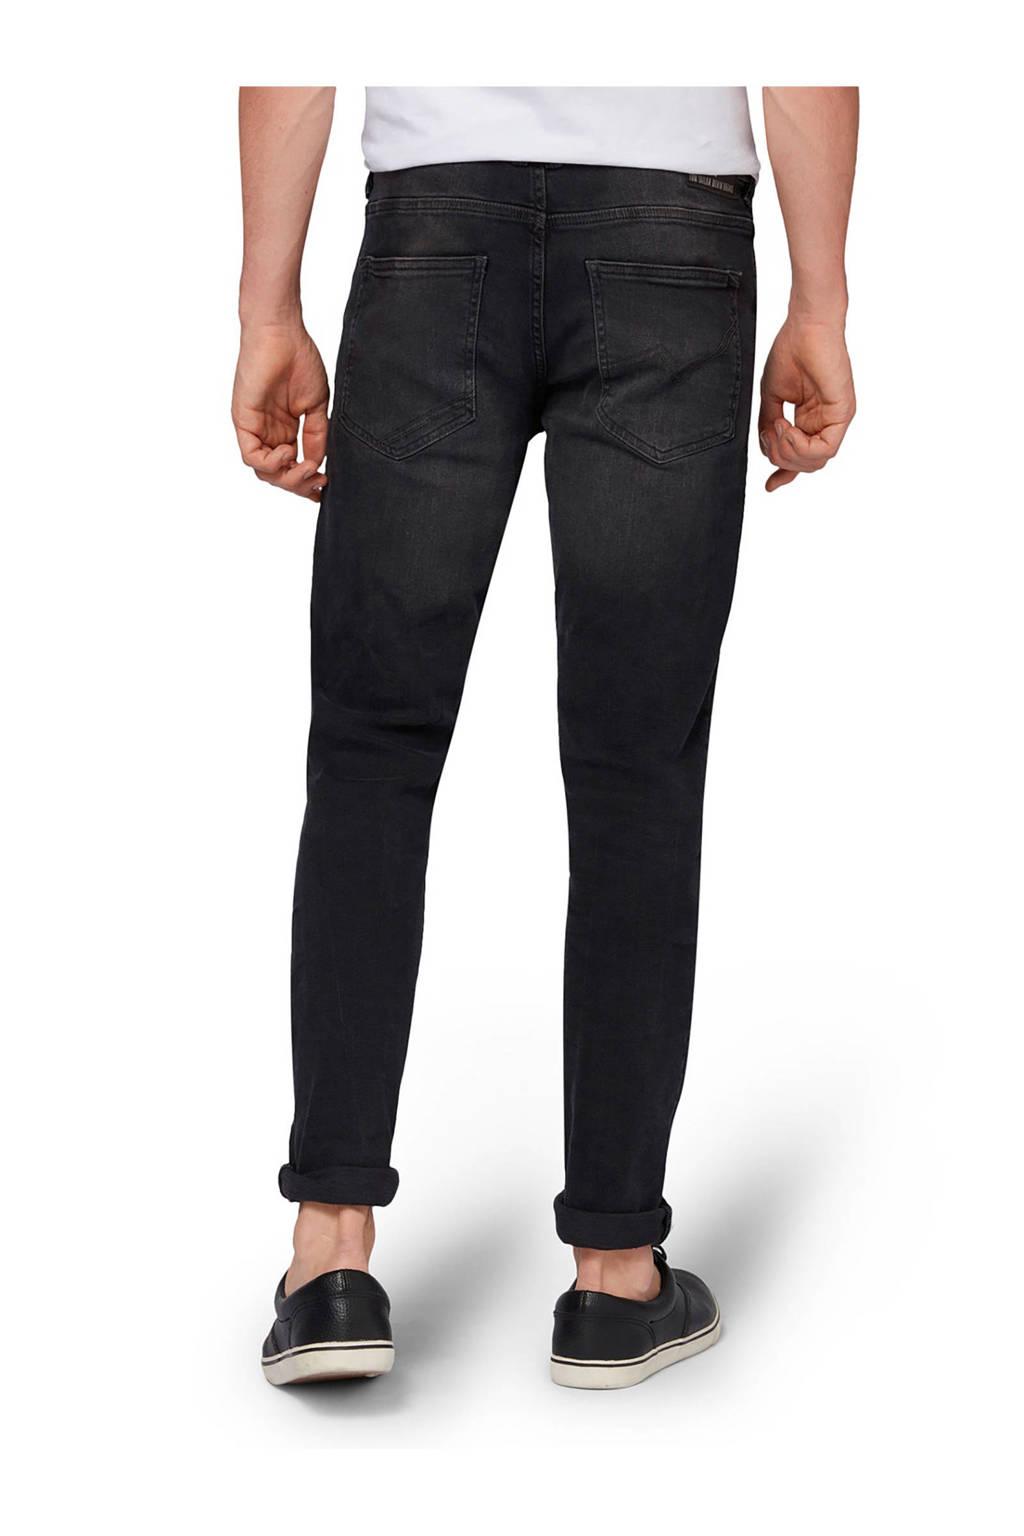 Tom Tailor skinny fit jeans Culver used dark stone, 10250 used dark stone black